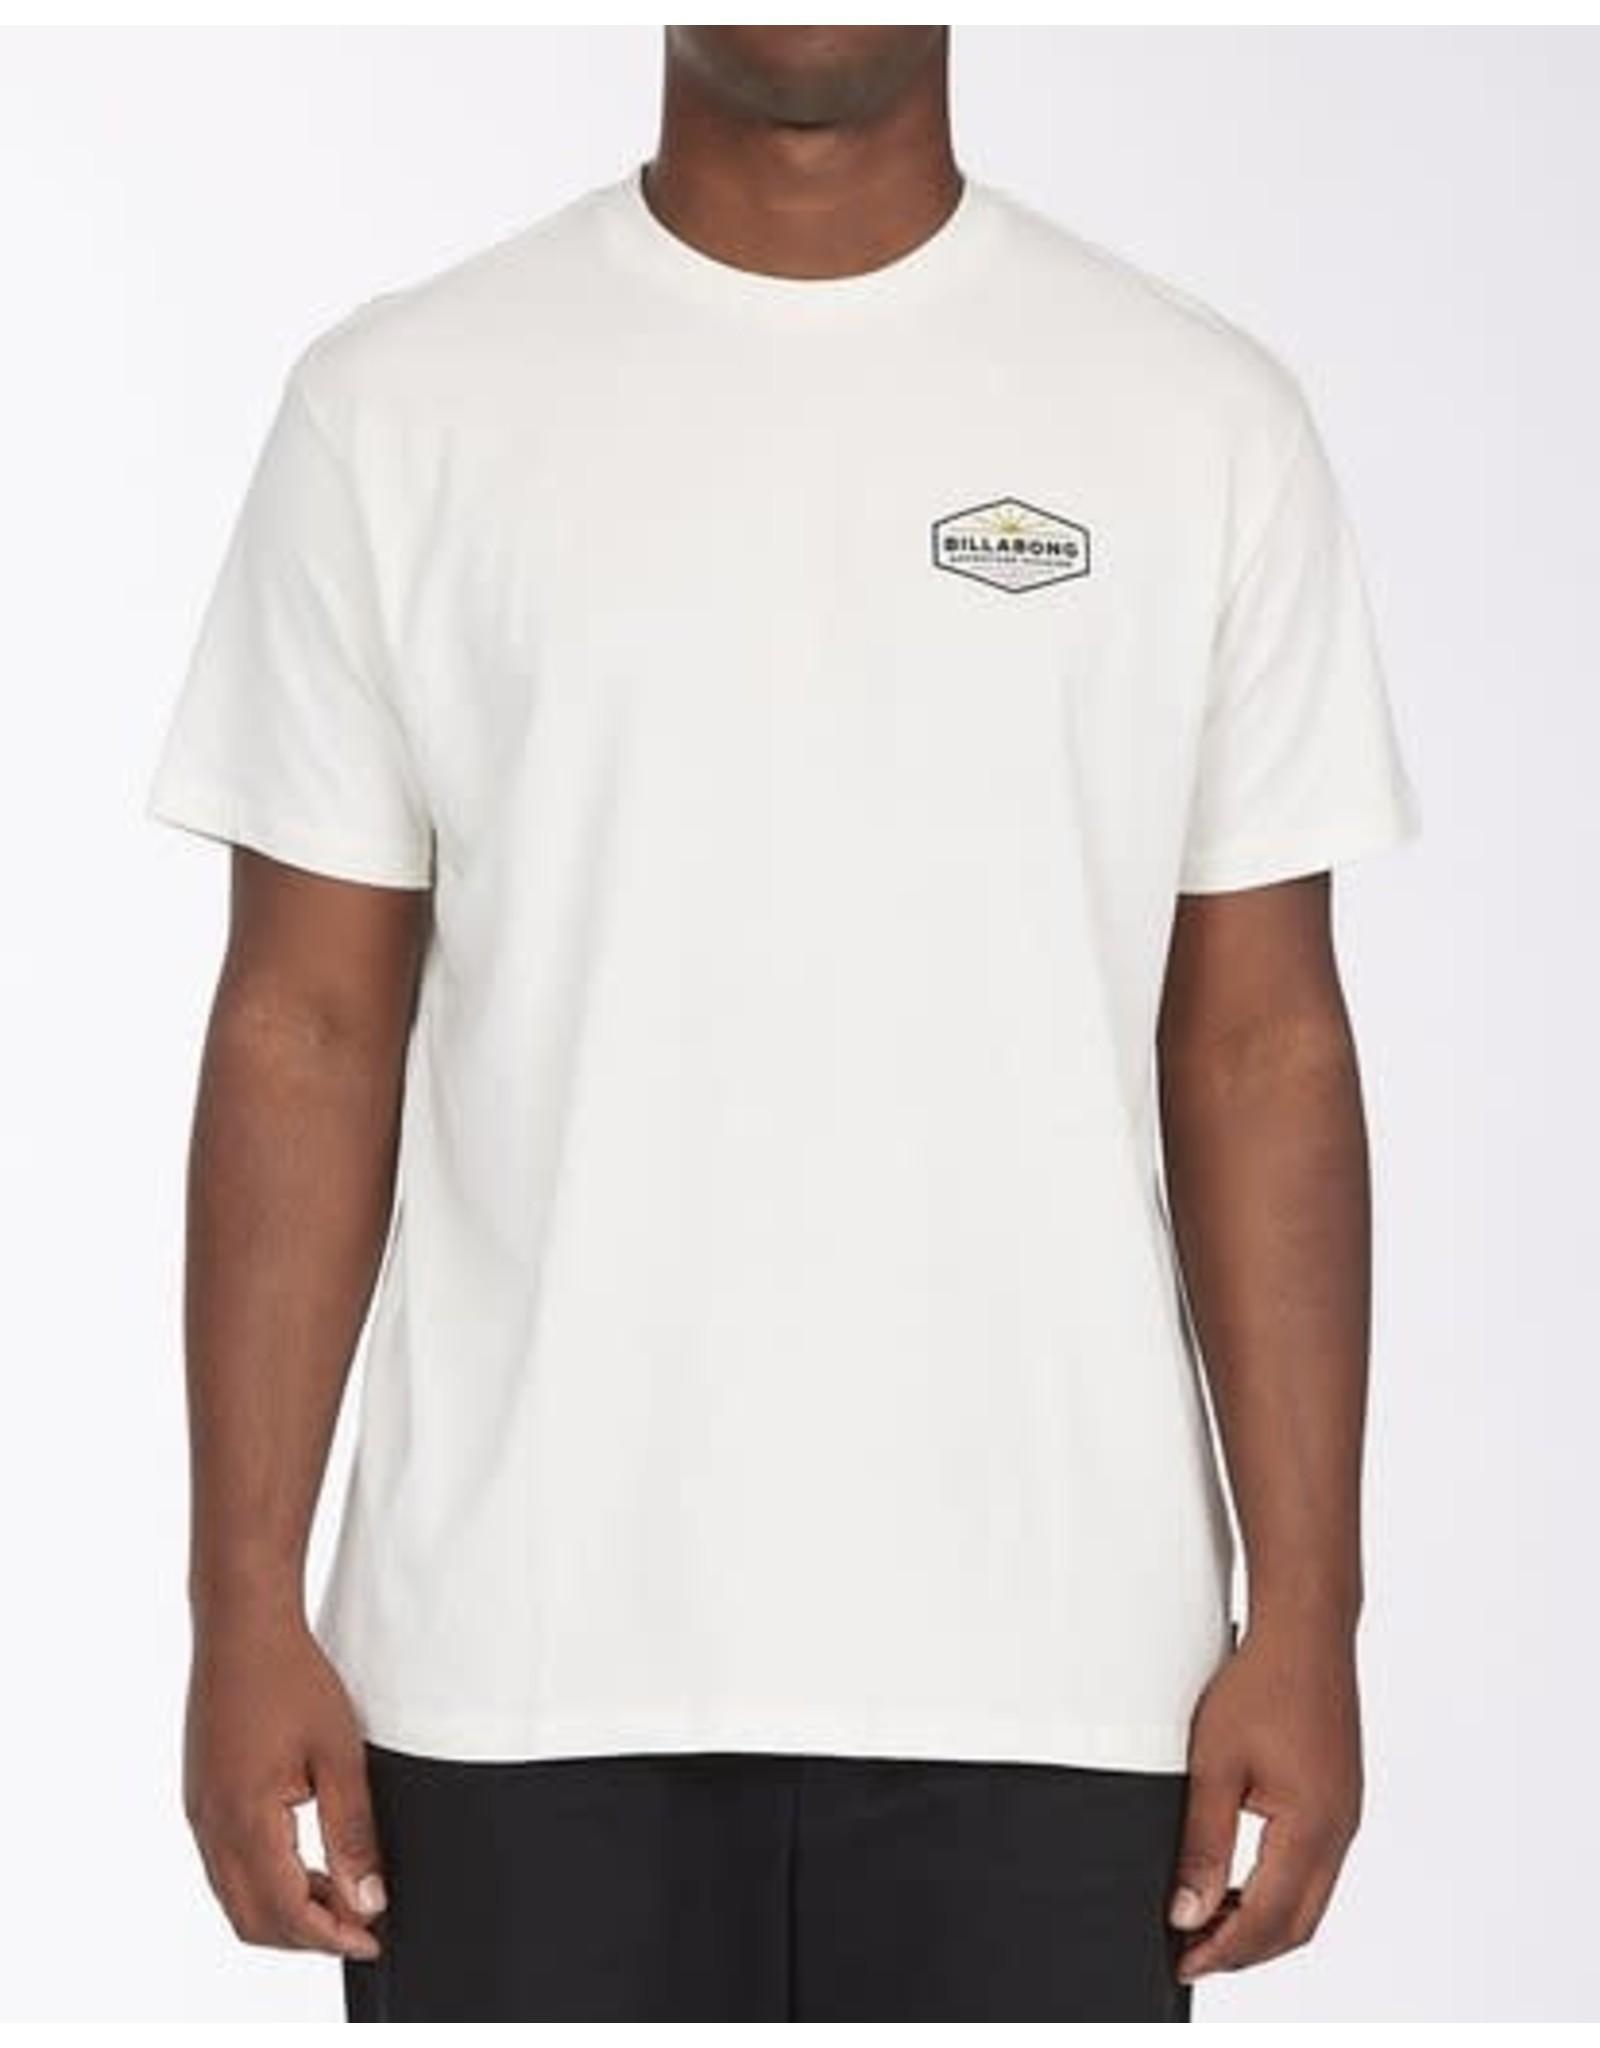 billabong Billabong - T-shirt homme cove off white